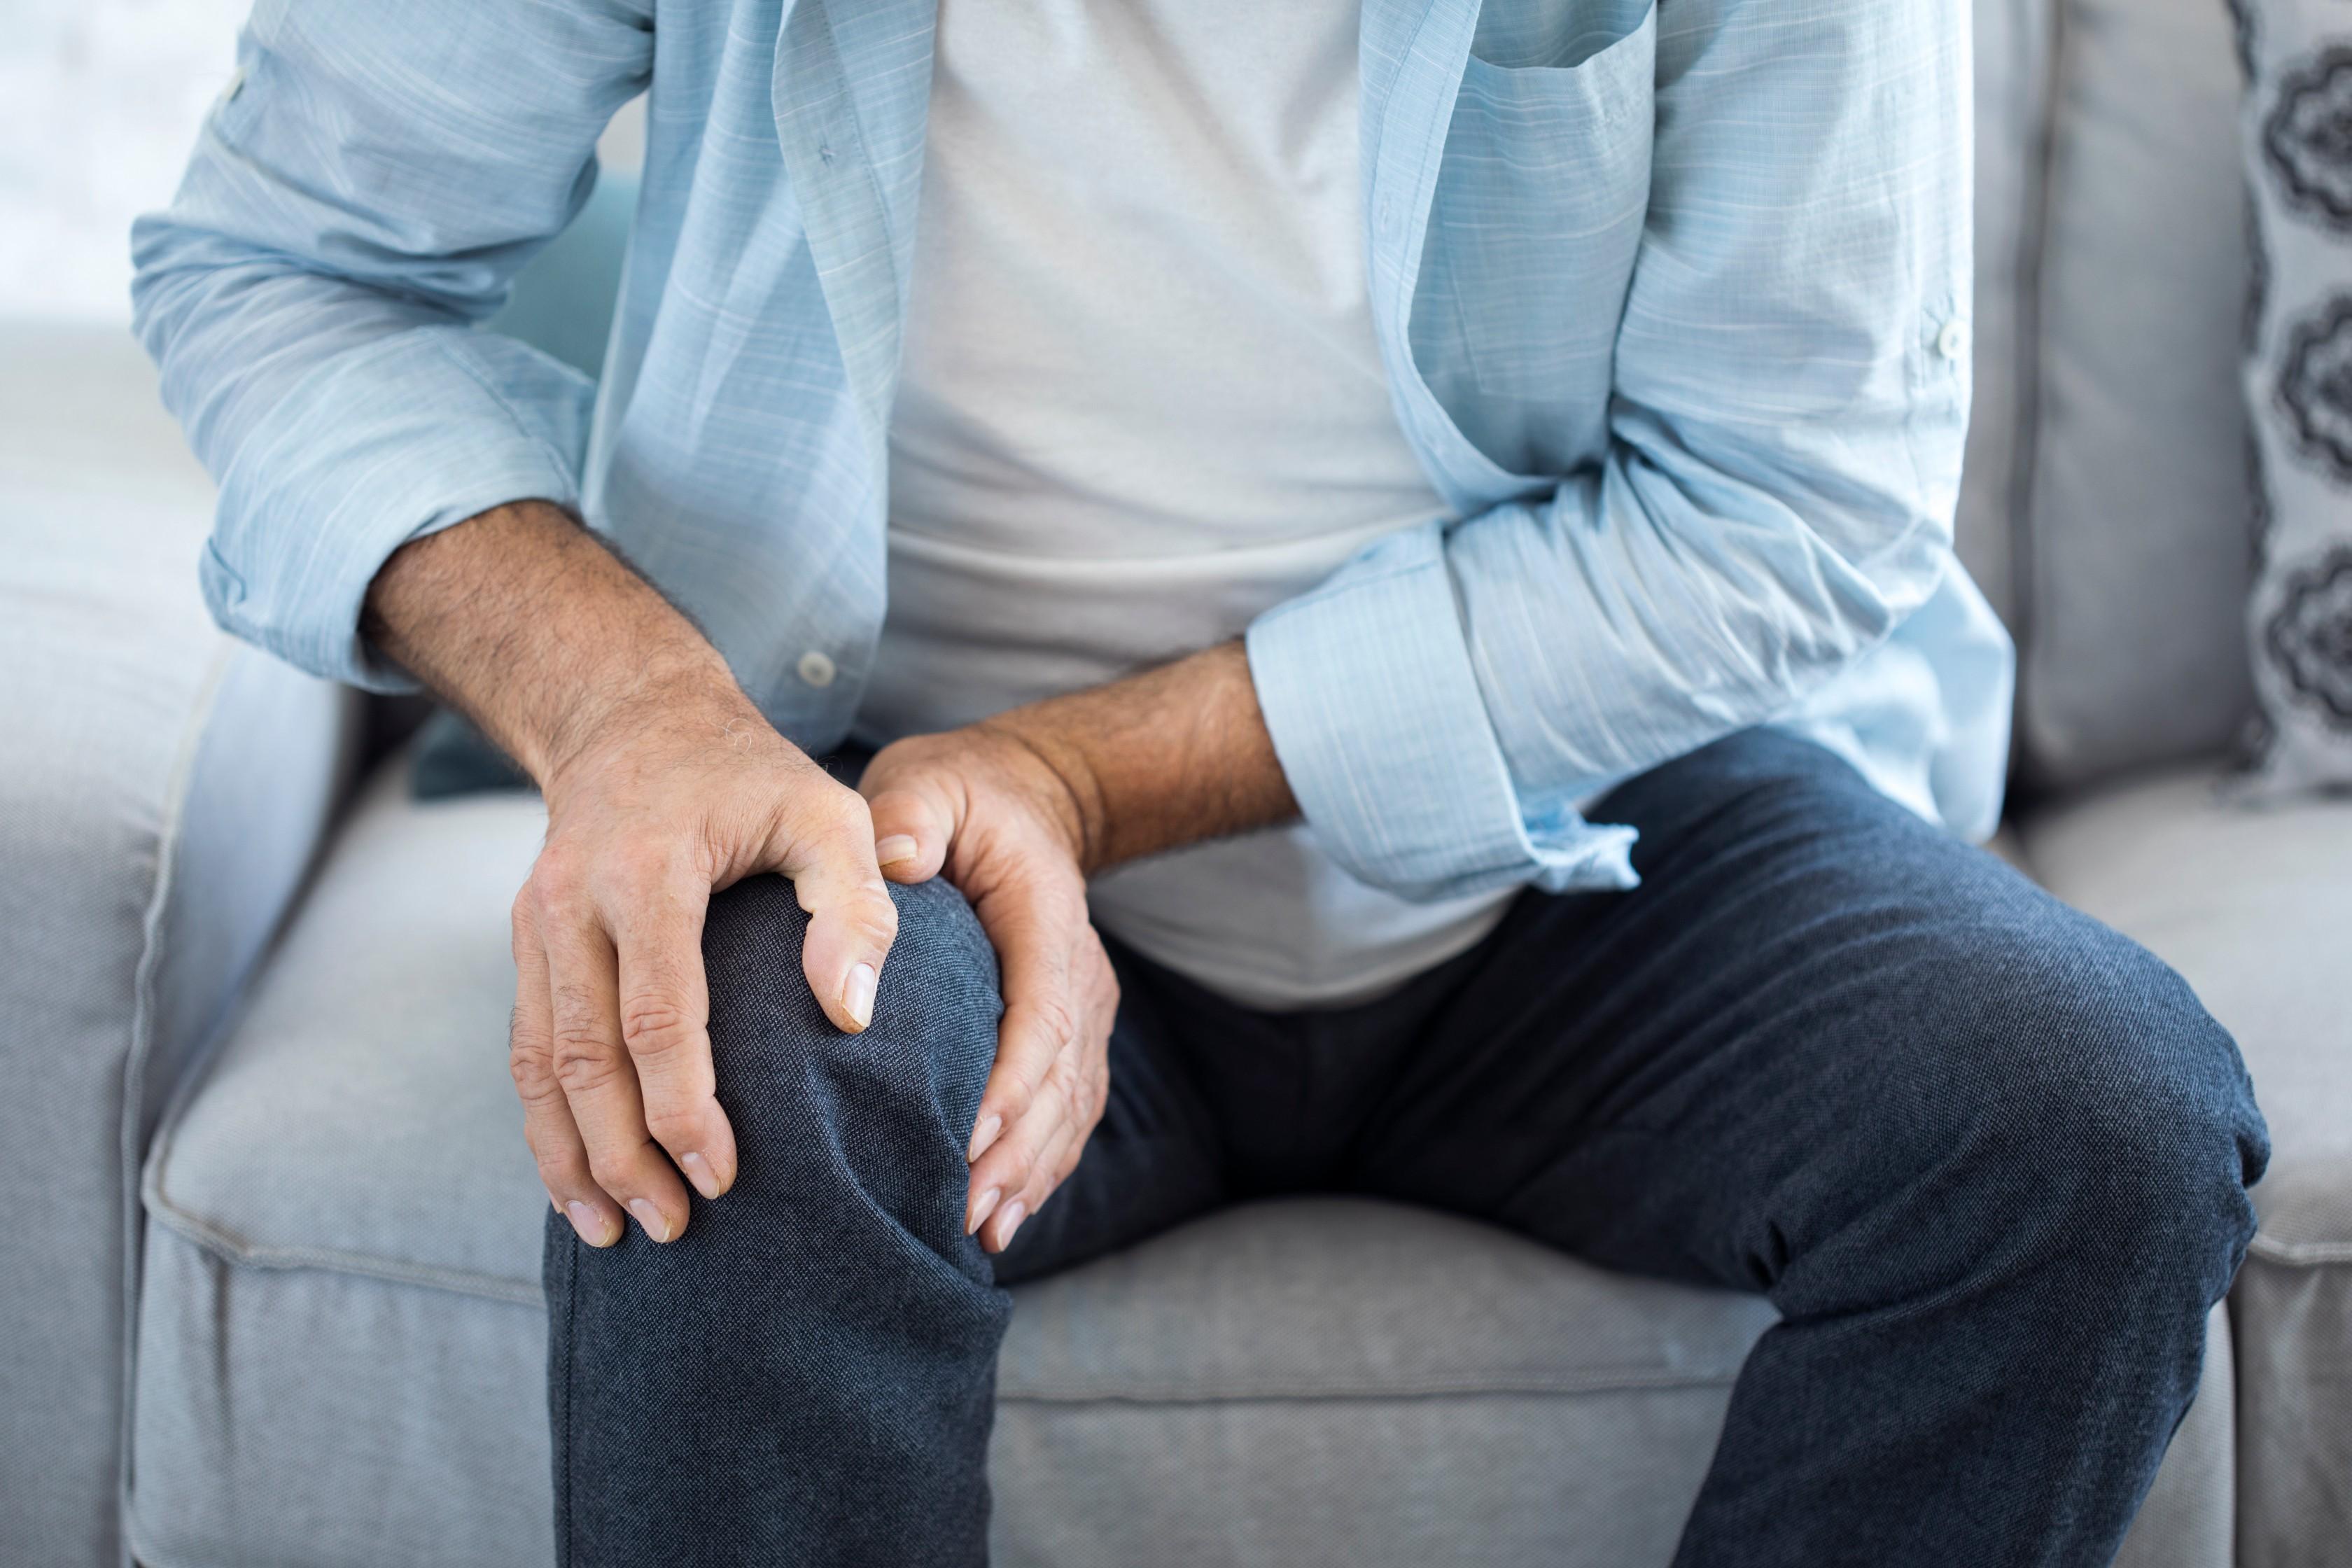 hogyan gyógyítható a lábak ízületi fájdalma)